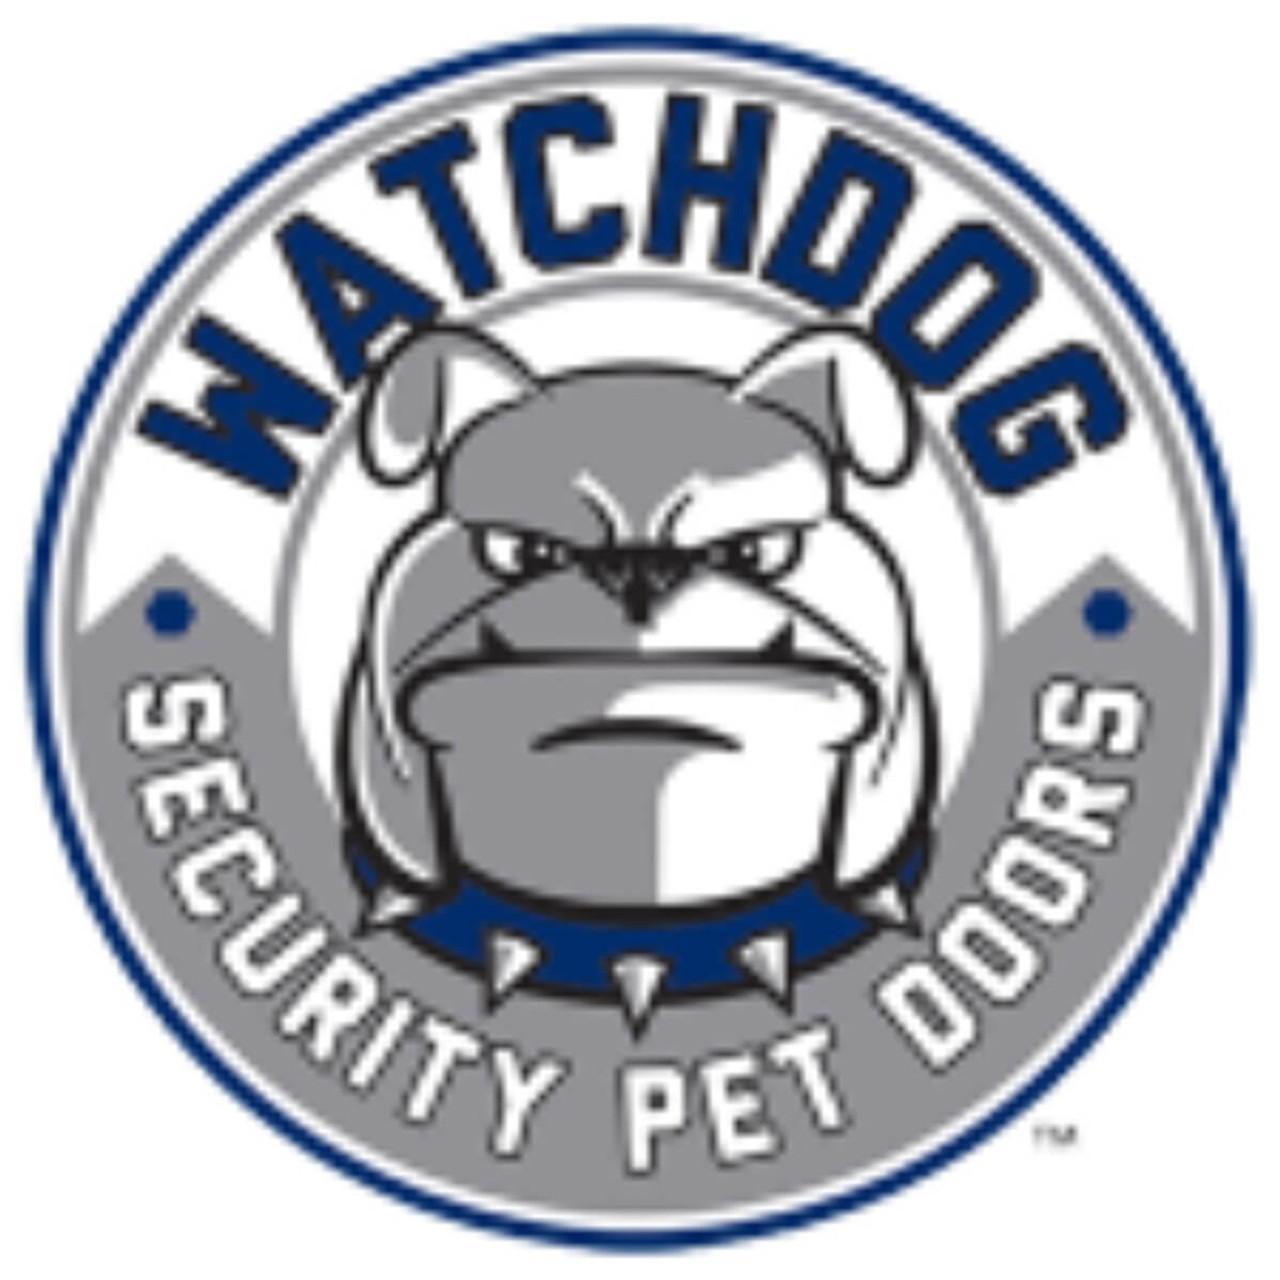 Watchdog Security Pet Doors secure your large pet door with a heavy duty 12 gauge steel pet door cover with combination lock